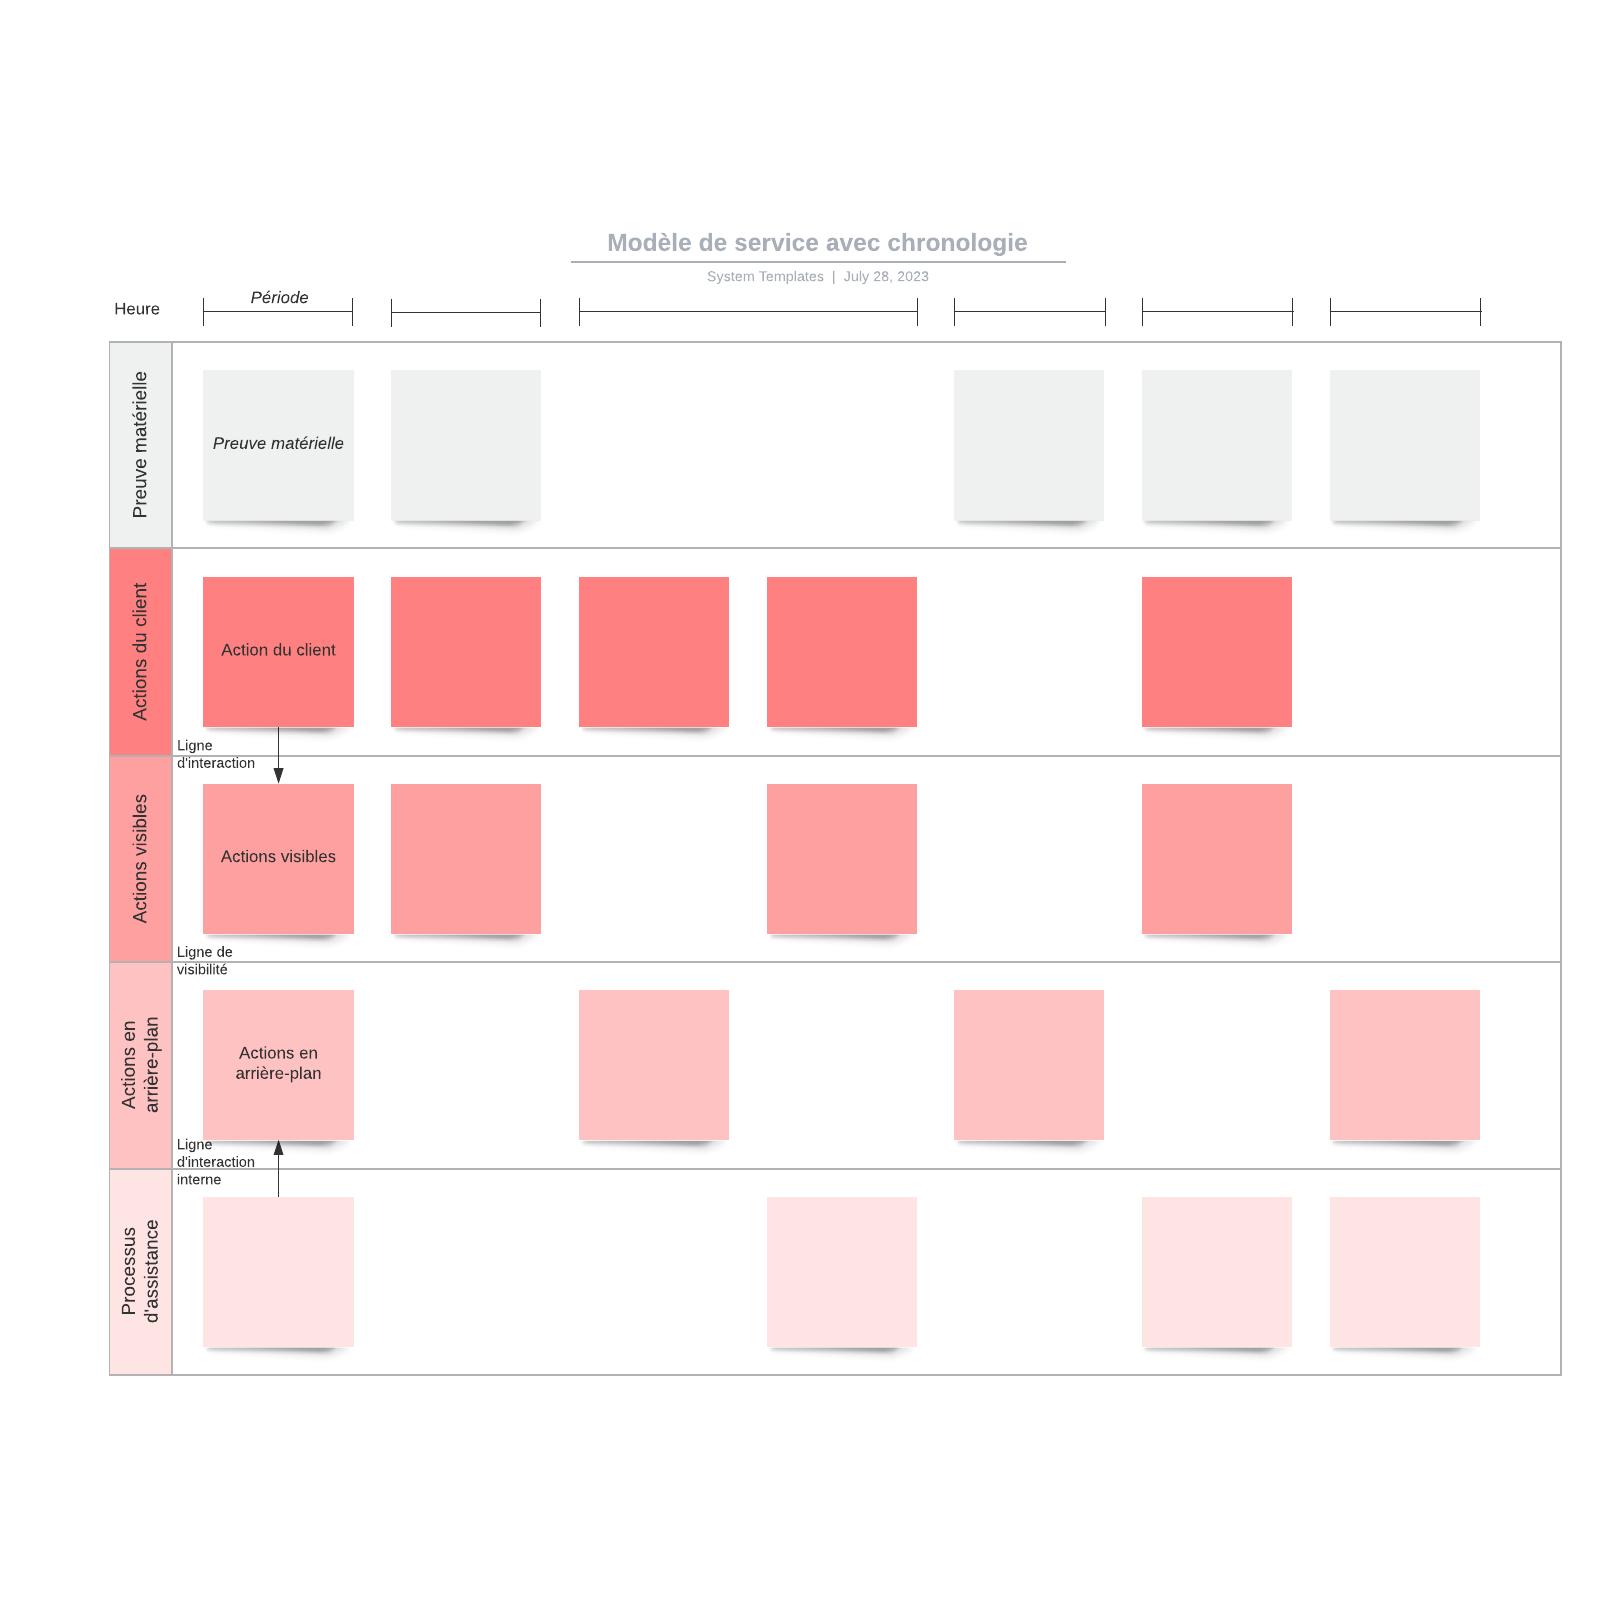 exemple de modèle de service avec chronologie